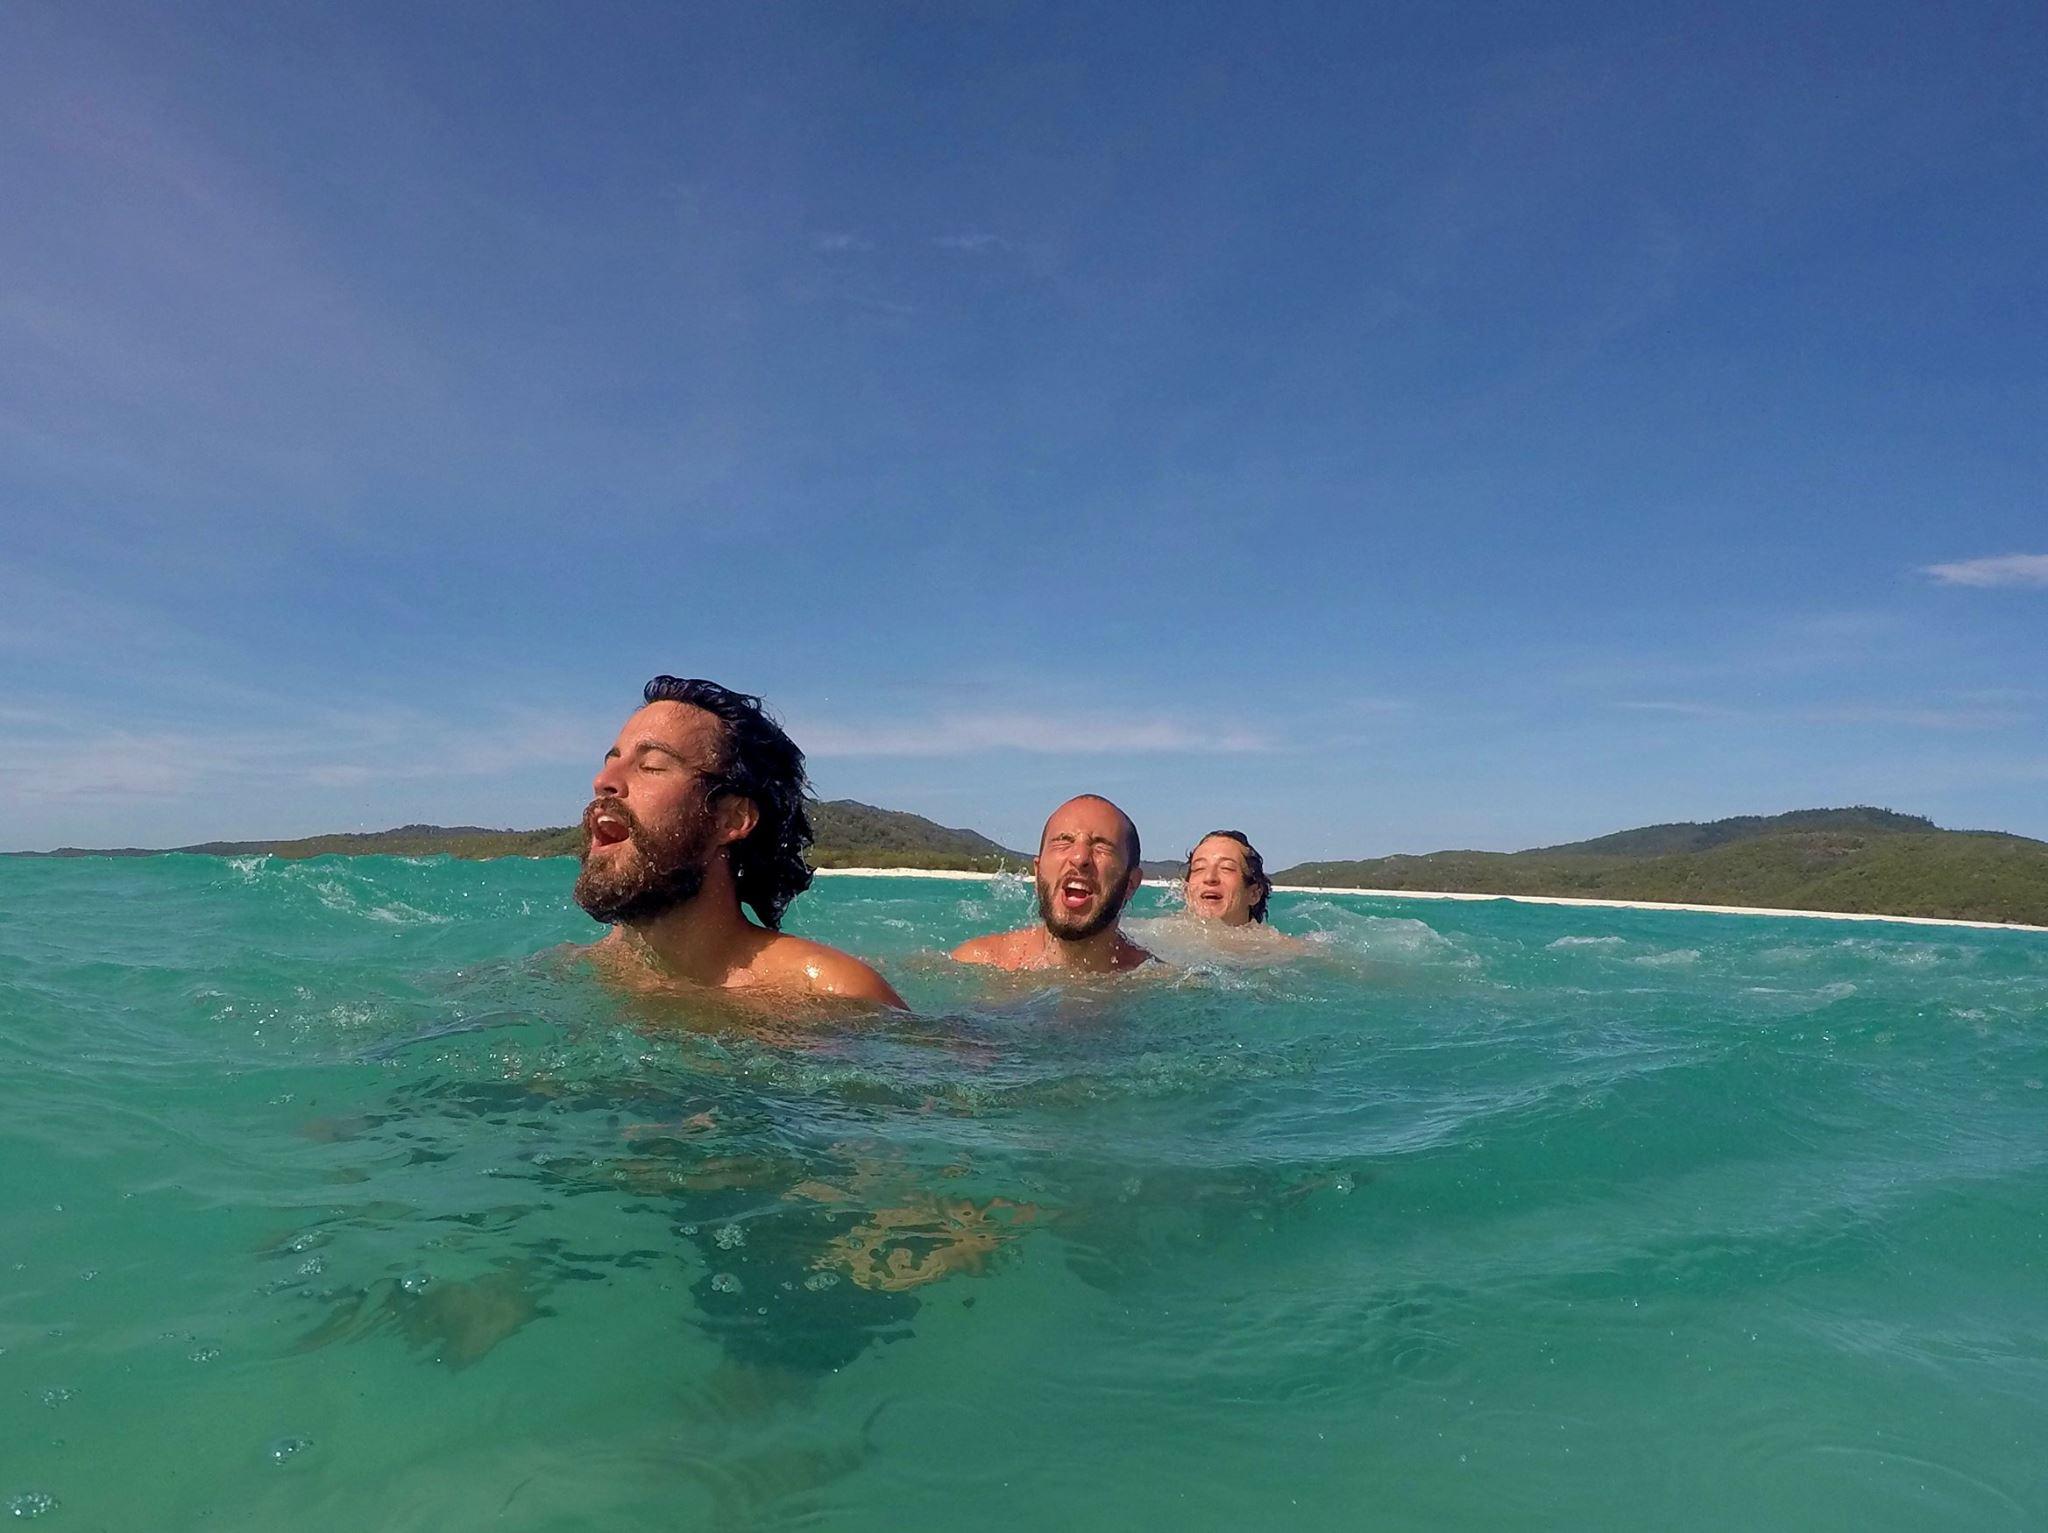 Españoles en playas australianas